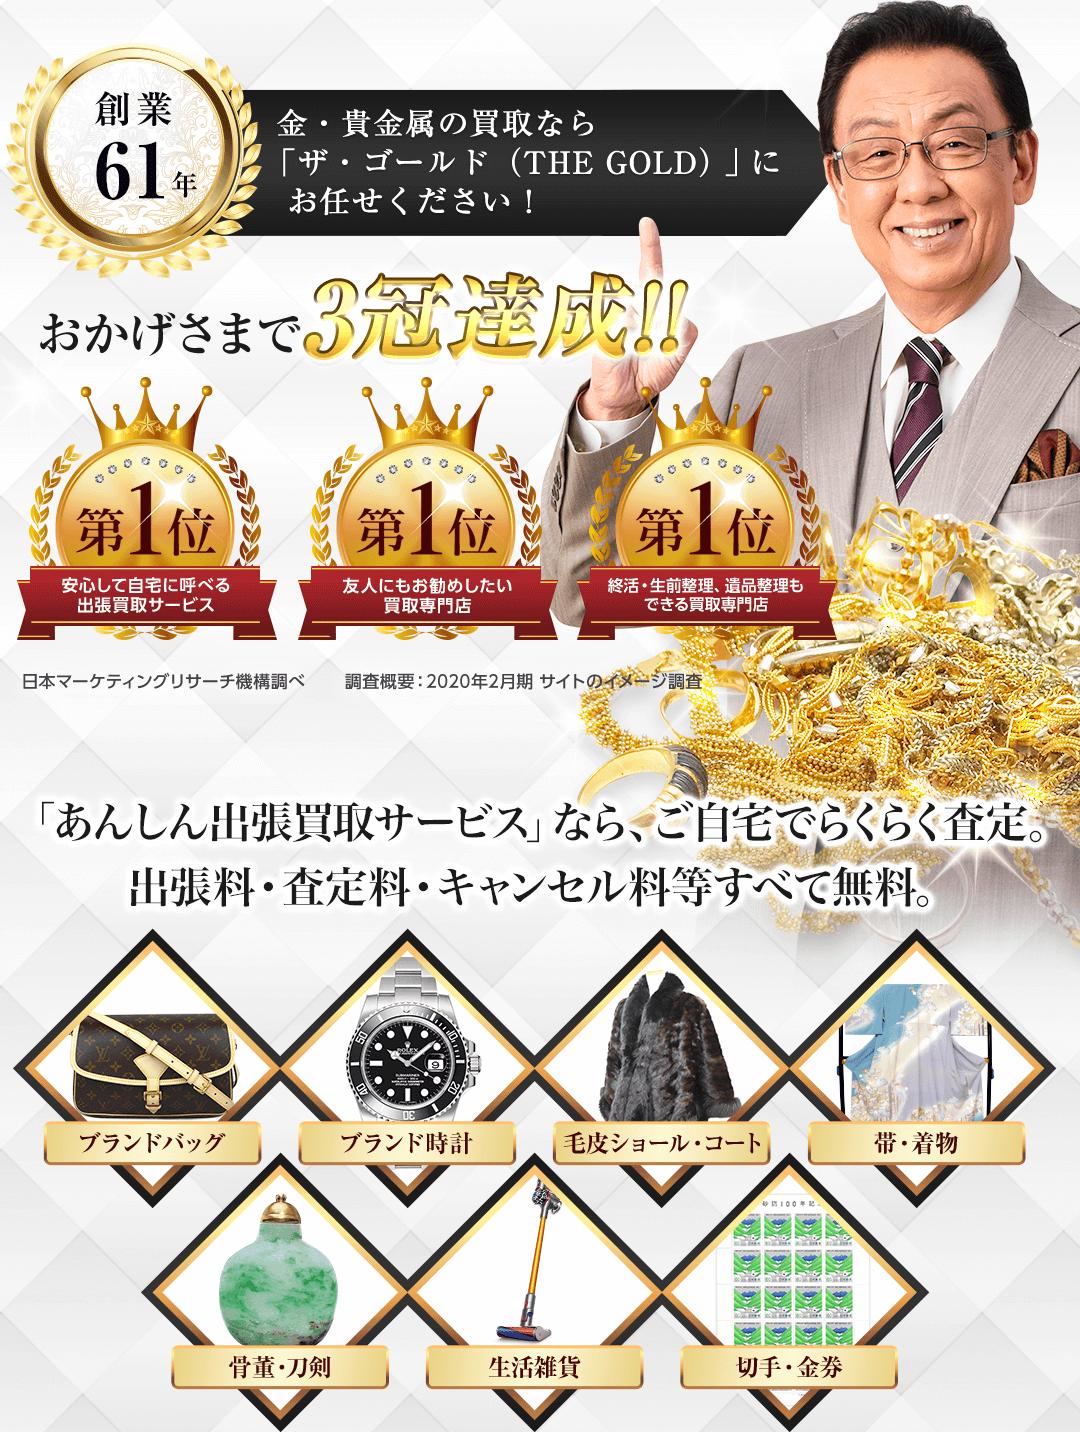 金・貴金属の買取なら「ザ・ゴールド(THE GOLD)」にお任せください!